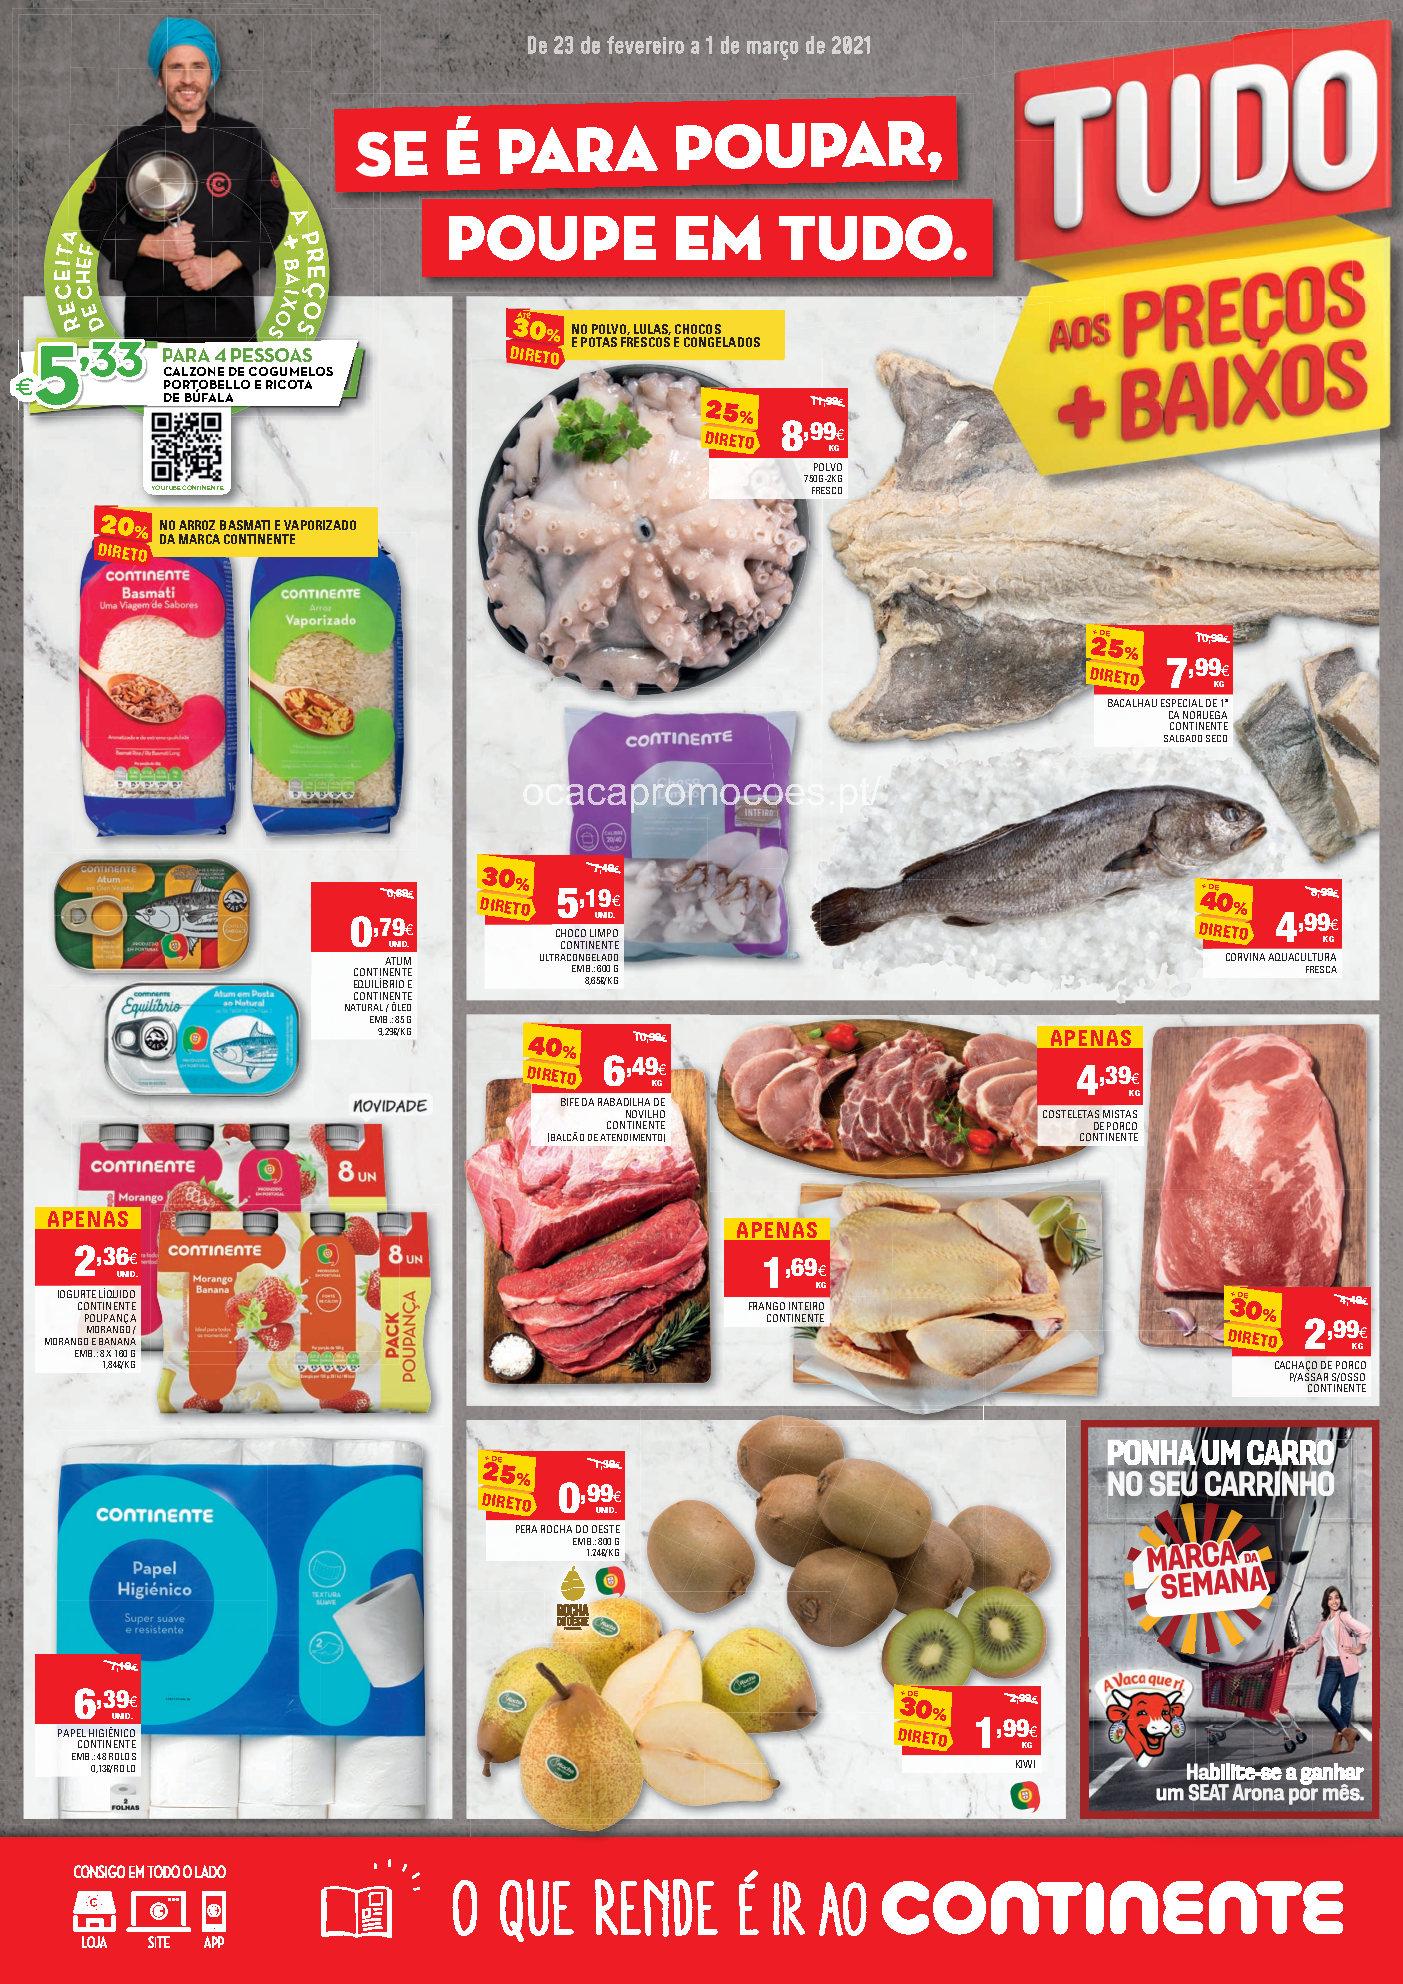 folheto continente esta semana 23 fevereiro 1 marco Page1